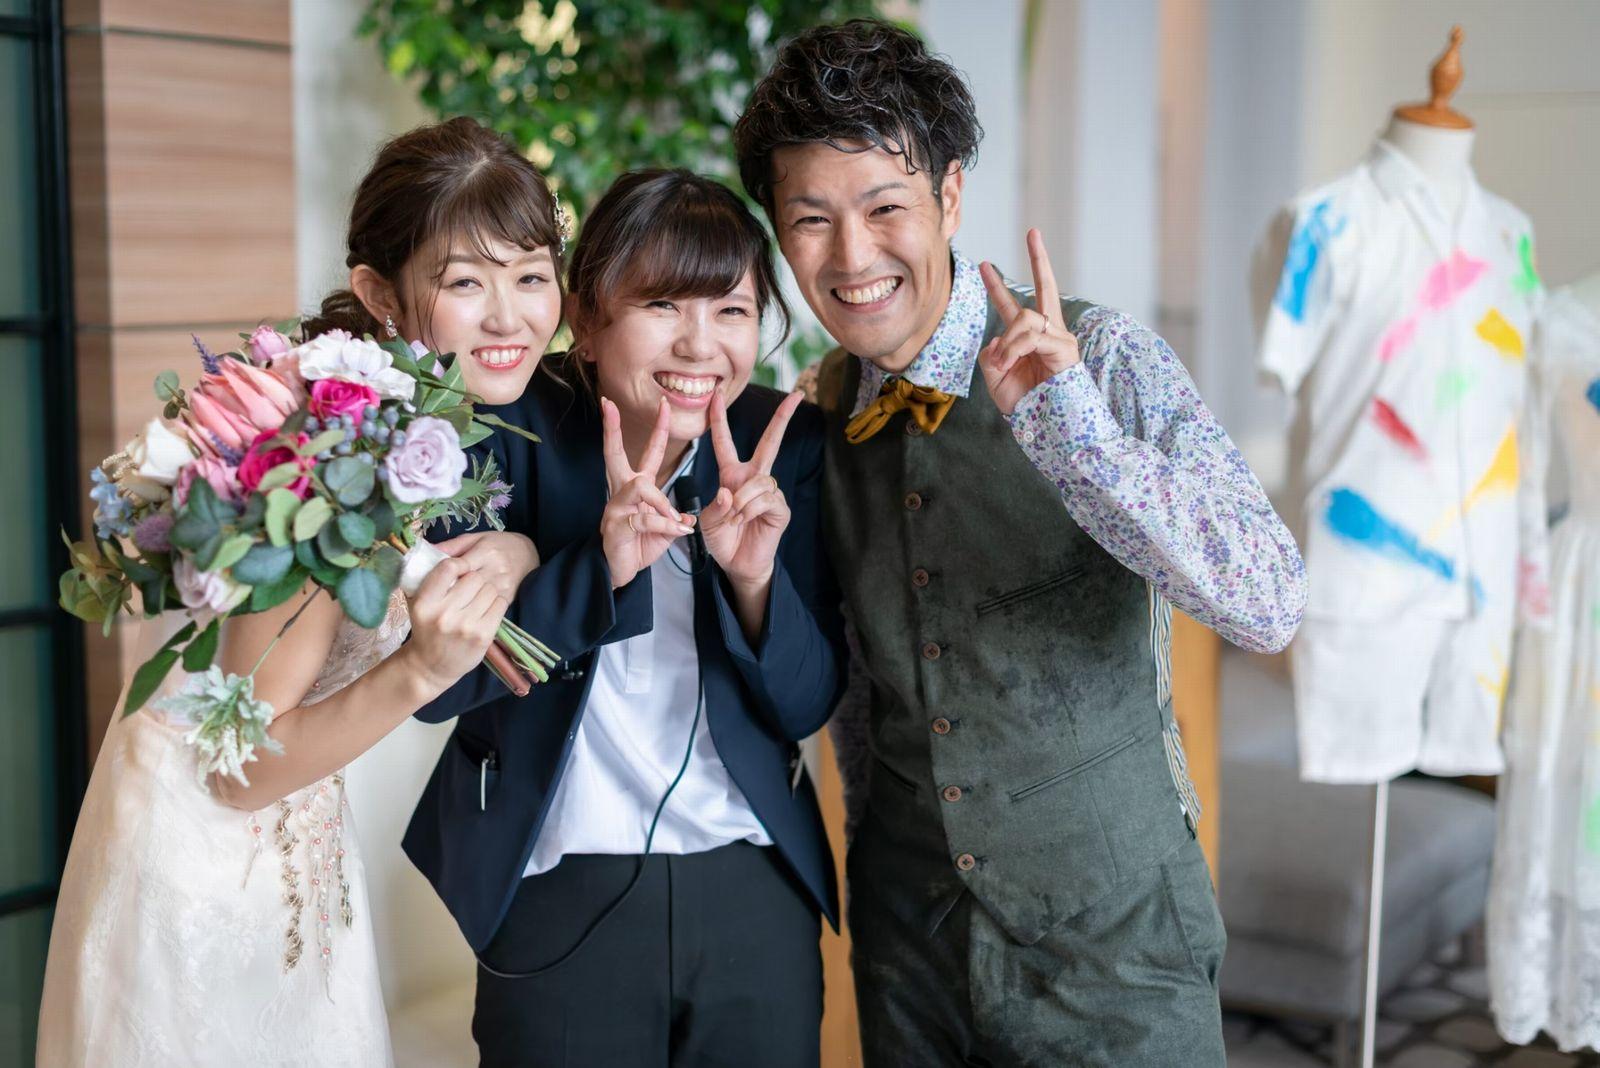 香川県の結婚式場シェルエメール&アイスタイル 新郎新婦とプランナー